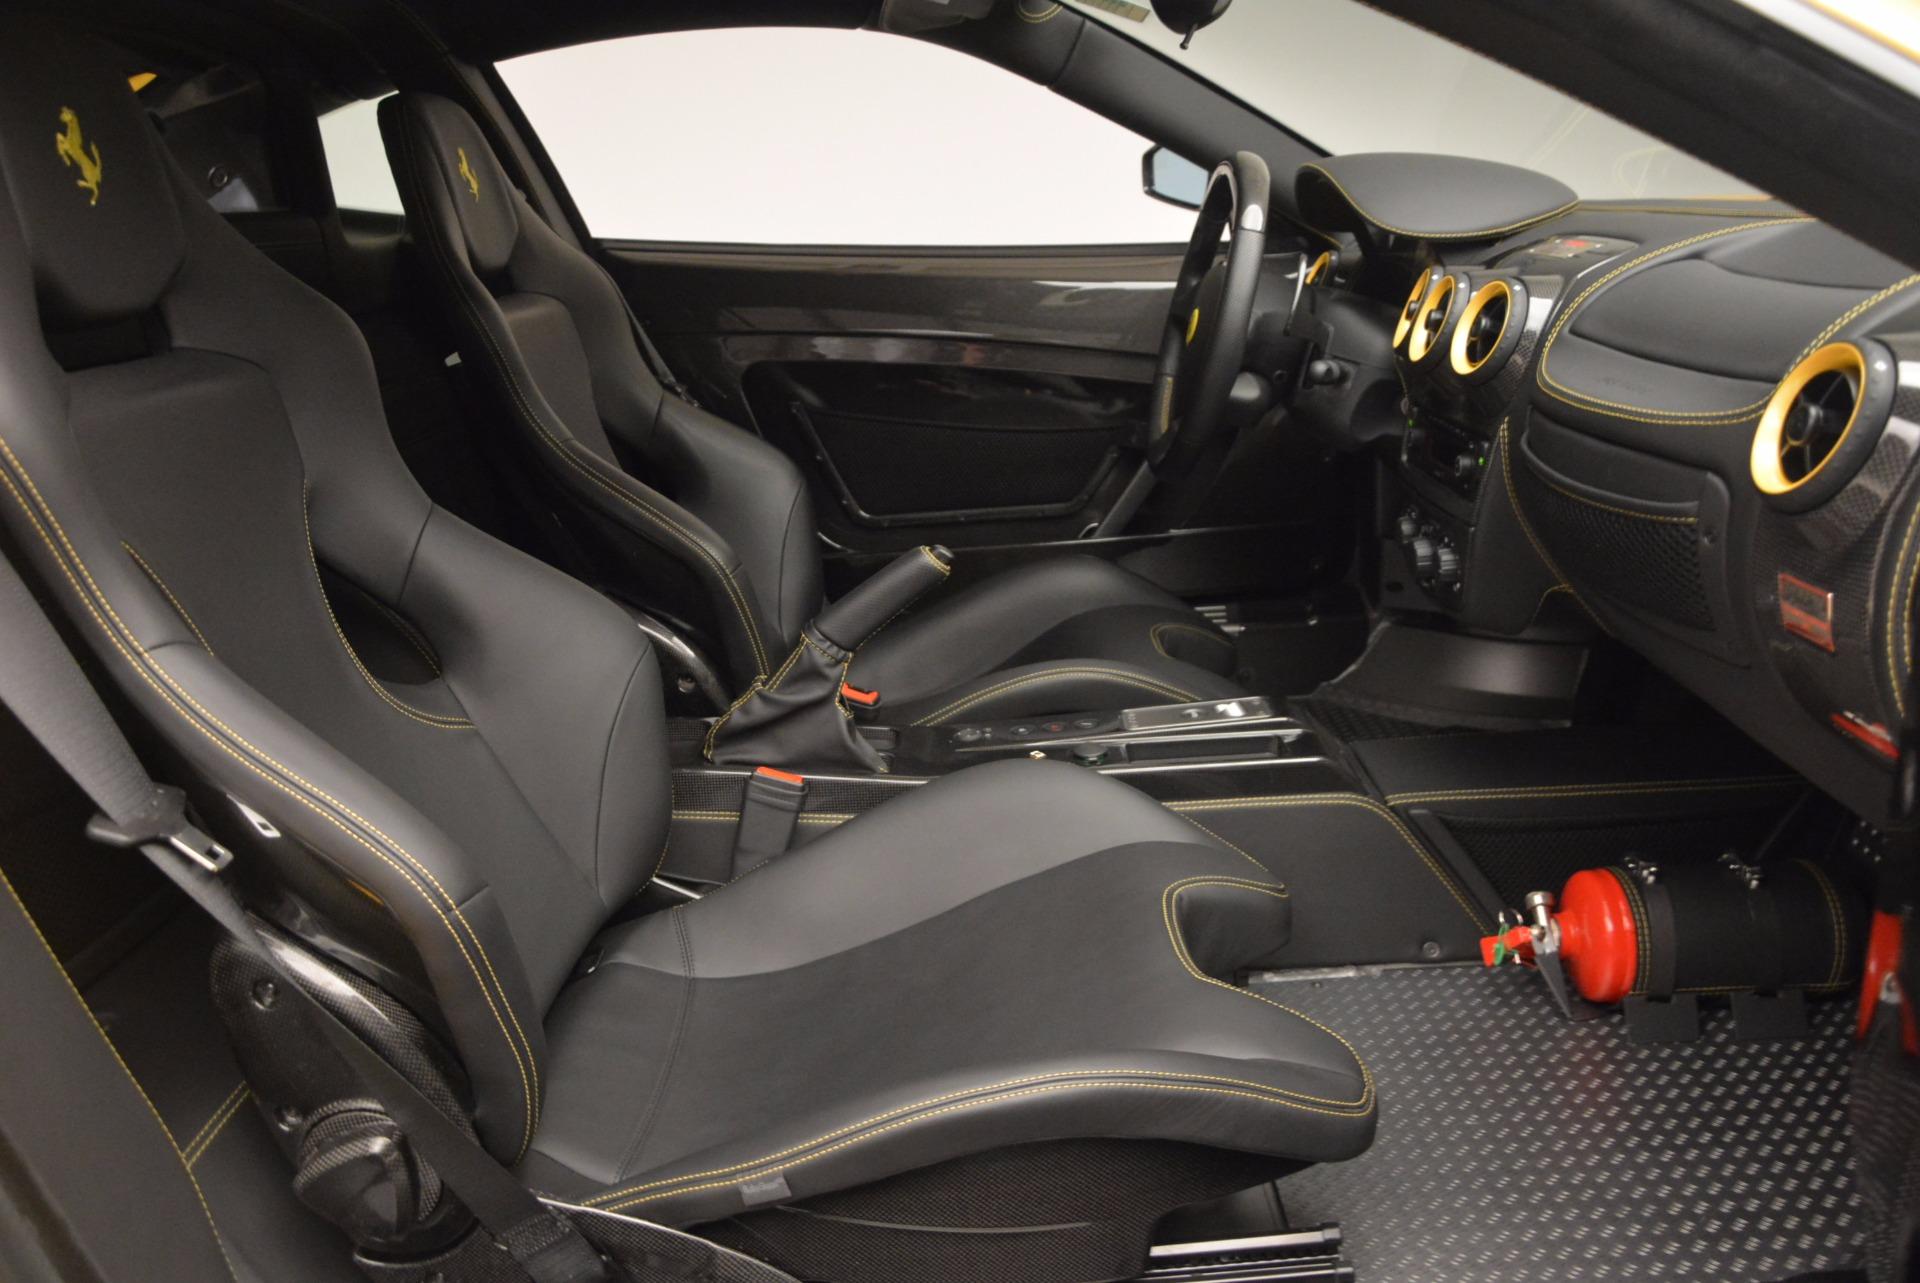 Used 2008 Ferrari F430 Scuderia For Sale In Greenwich, CT. Alfa Romeo of Greenwich, 4406 1397_p18